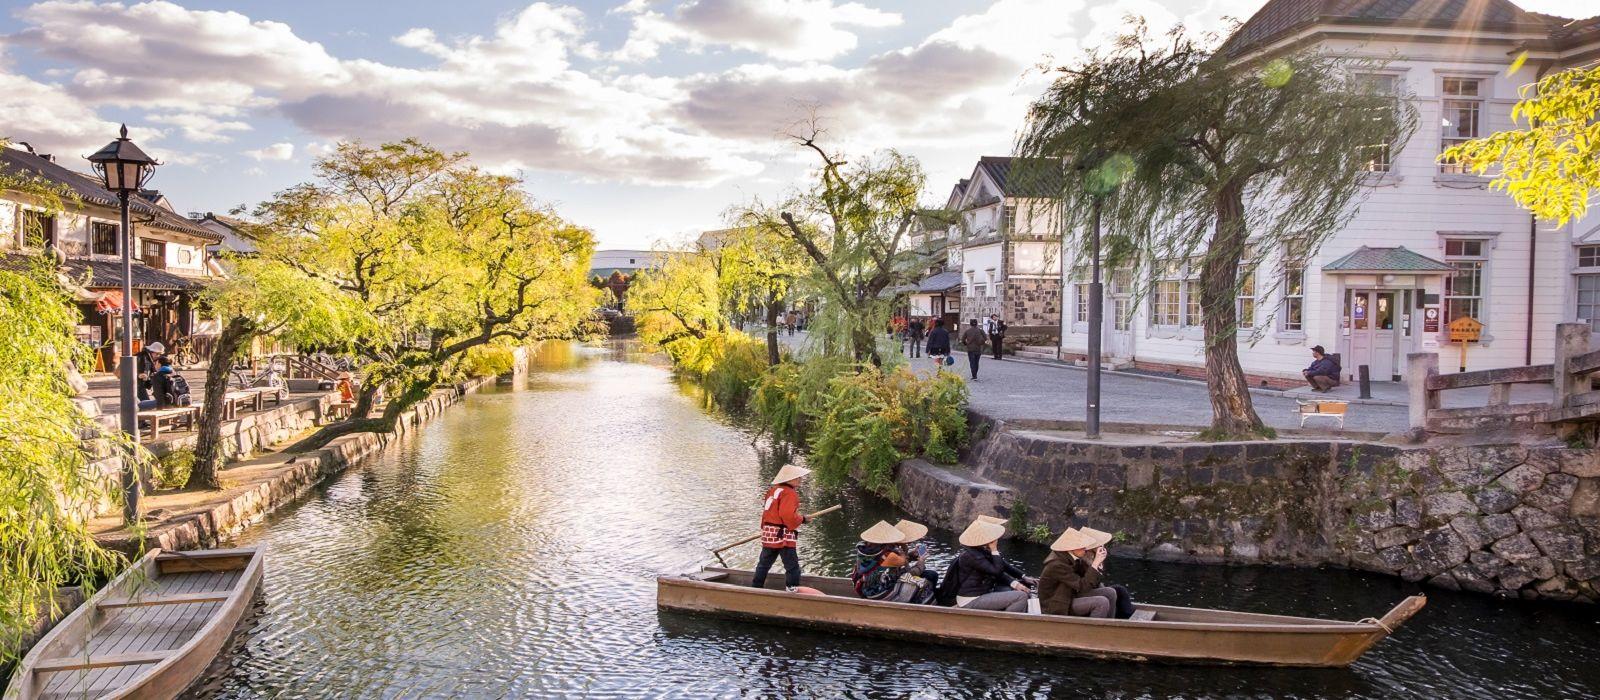 Japans verborgene Schätze Urlaub 7